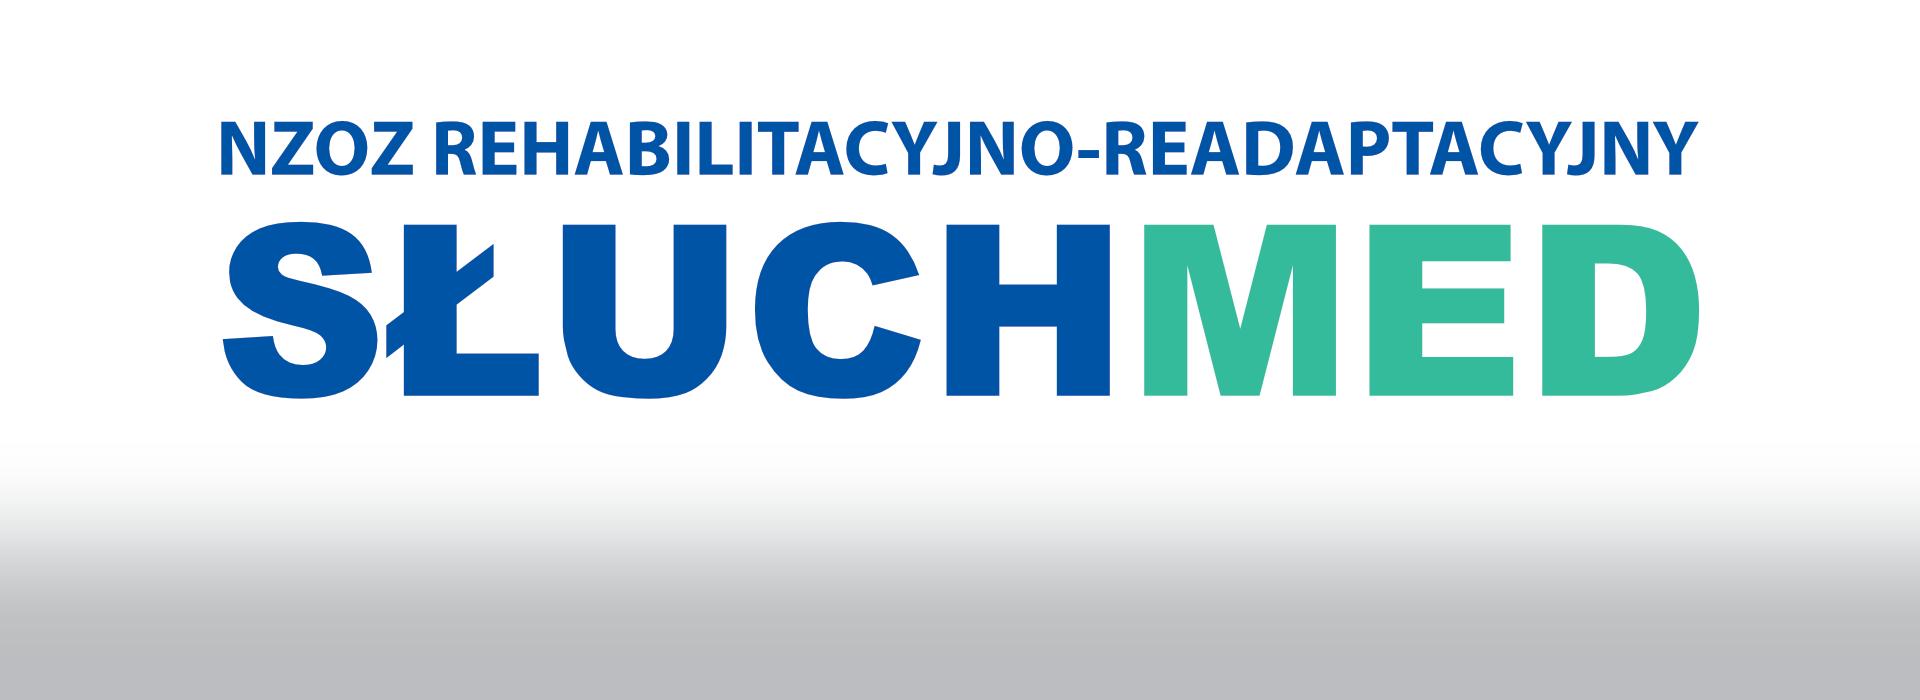 NZOZ Rehabilitacyjno-Readaptacyjny